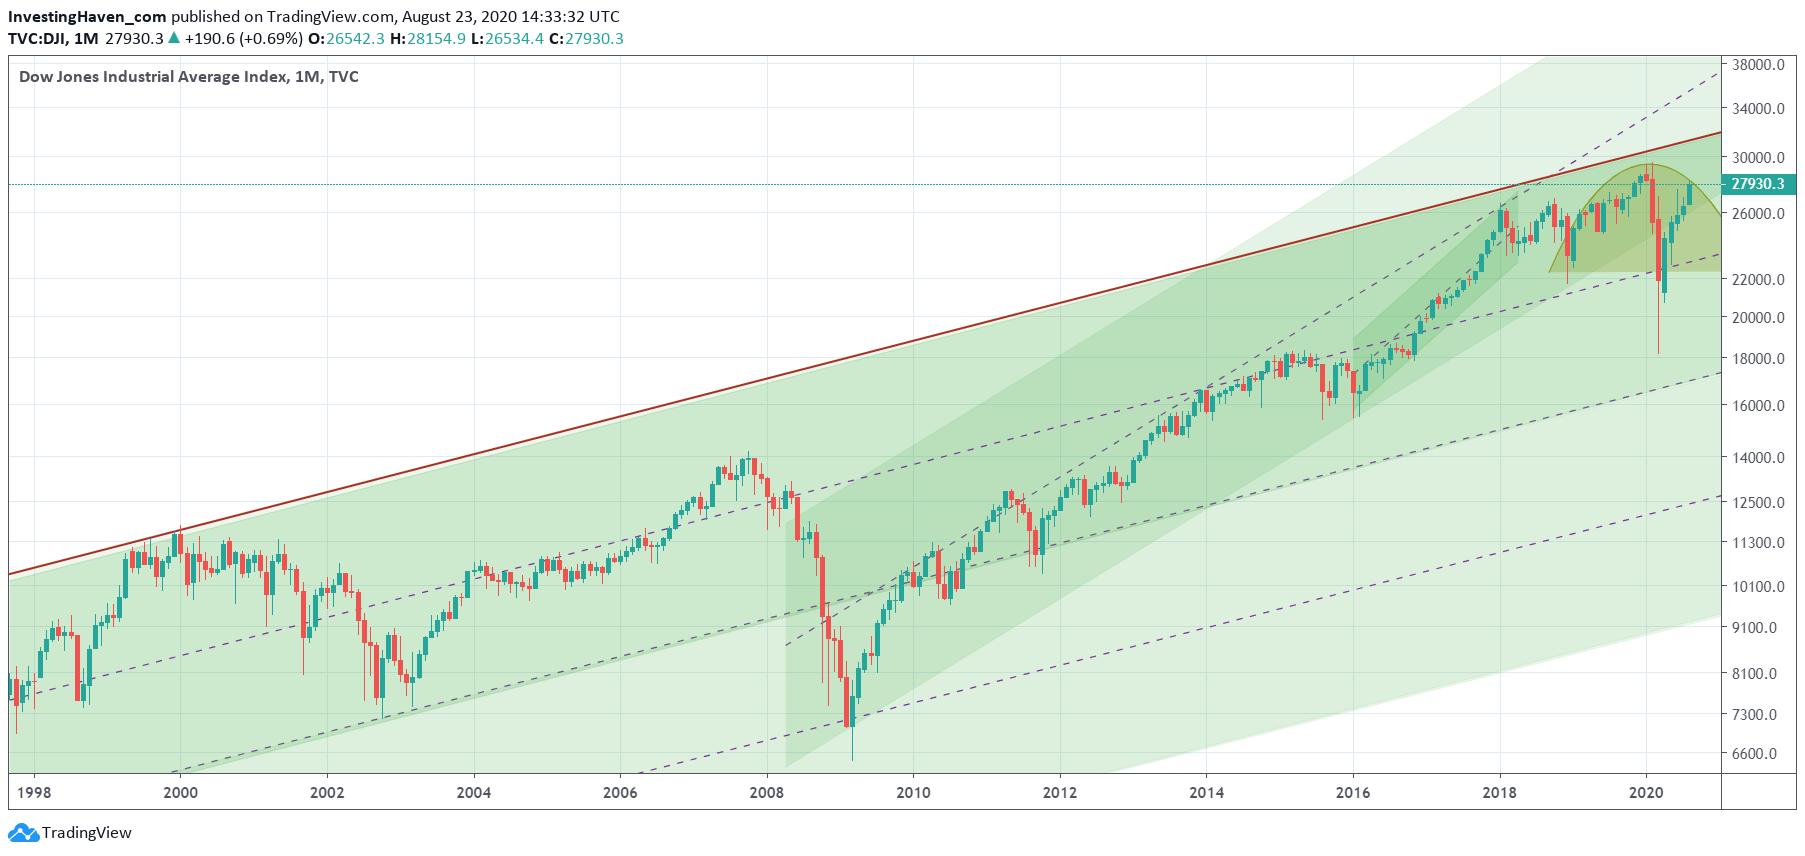 dow jones 20 years chart